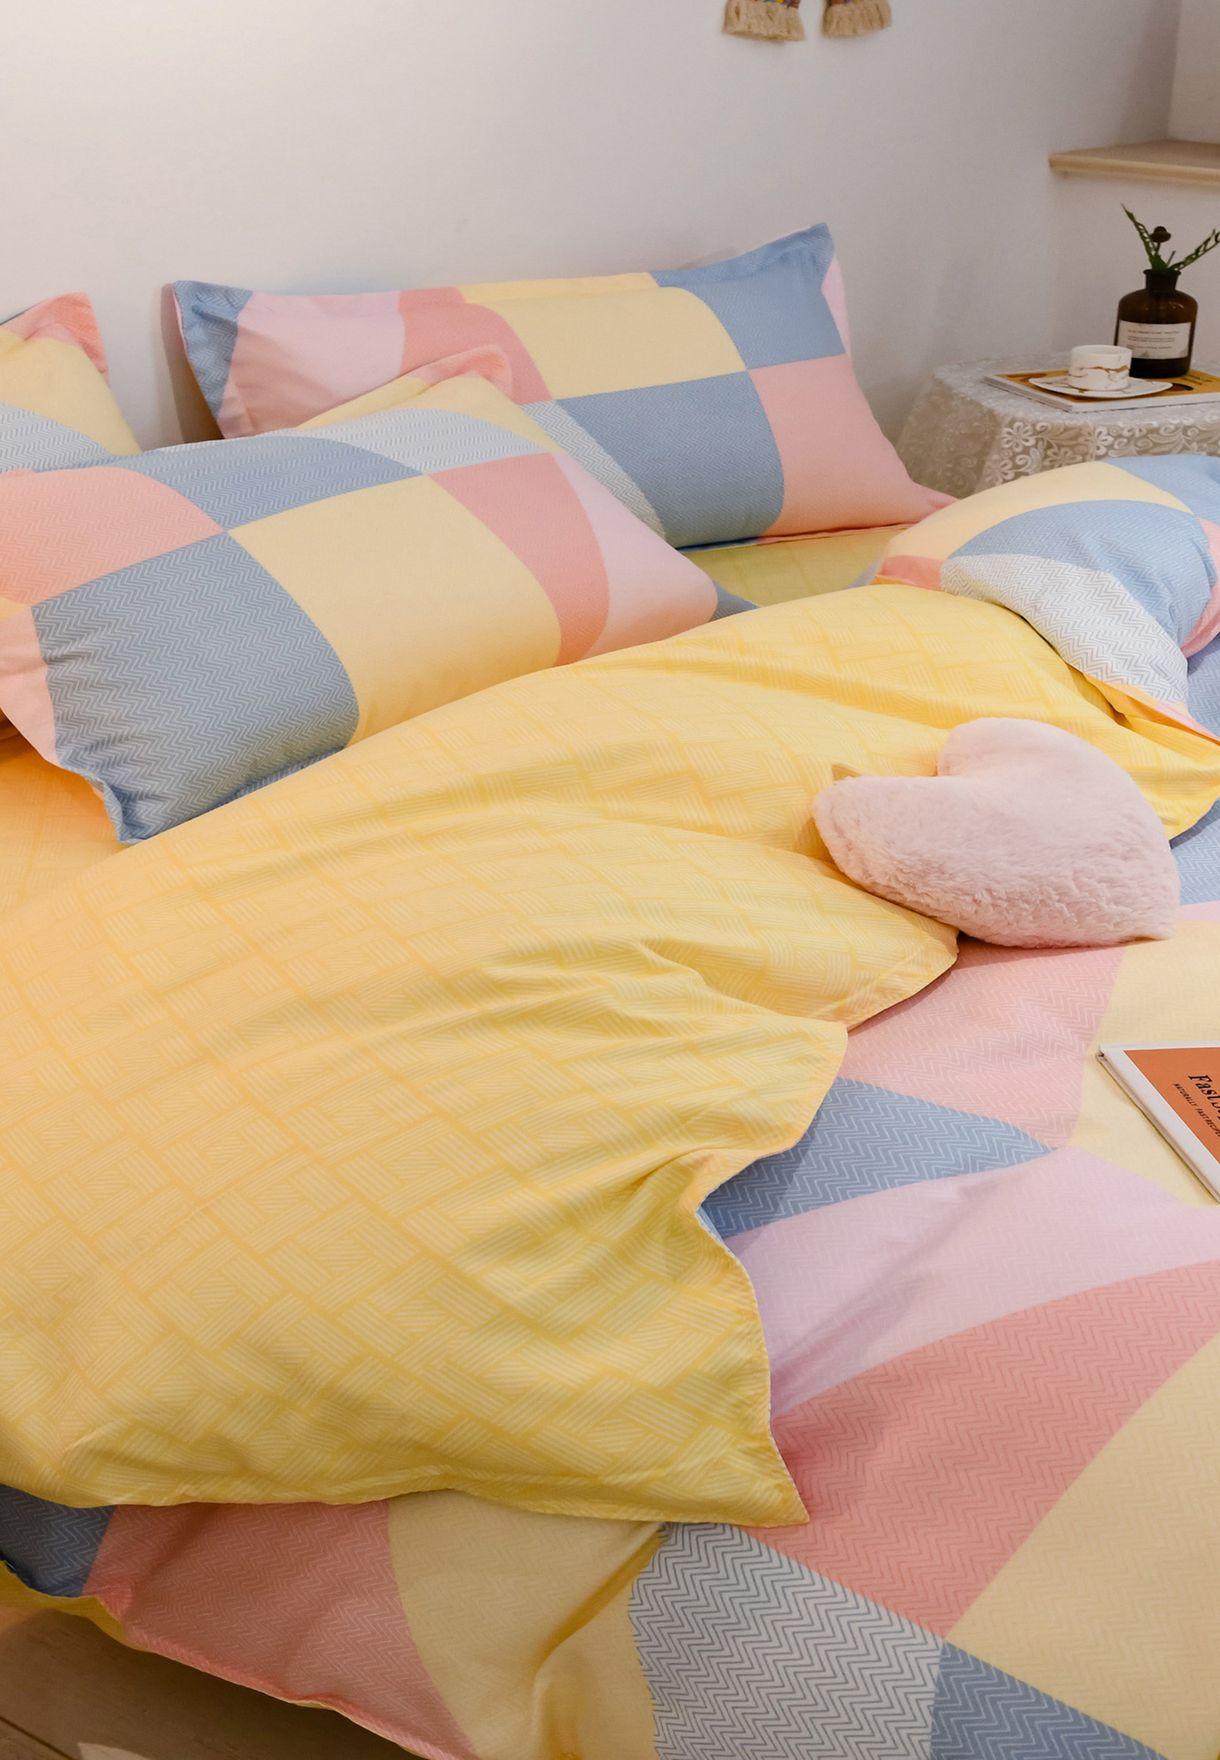 طقم 4 قطع لسرير كينج 200X230 سم